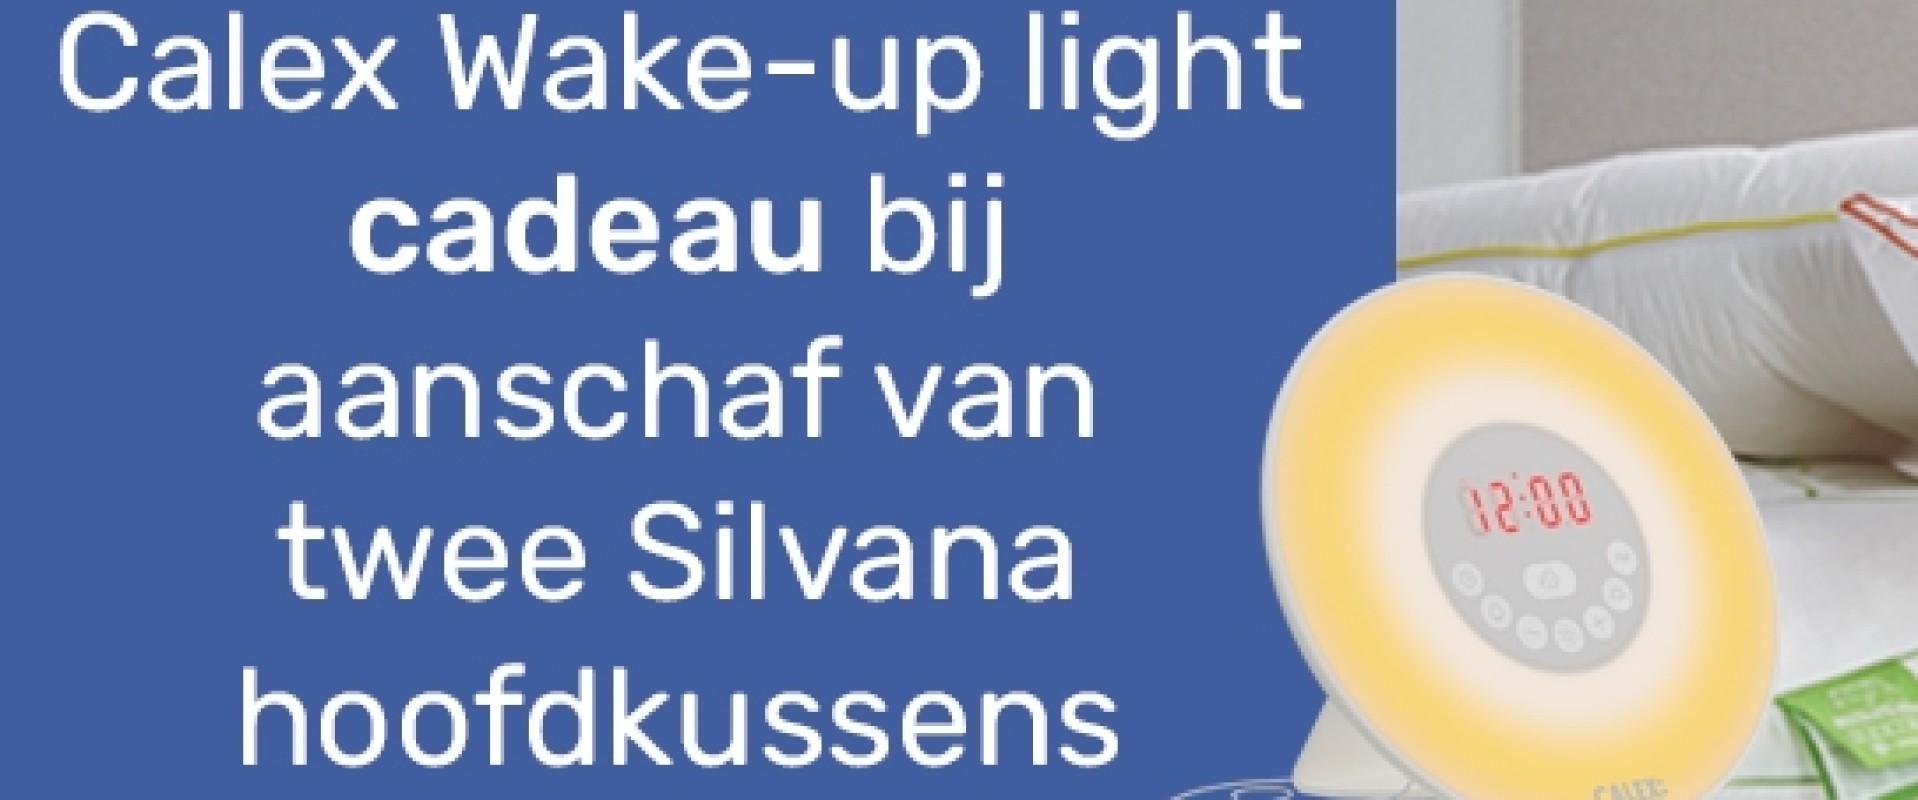 Heerlijk slapen en ontspannen wakker worden door de zonsopkomst?